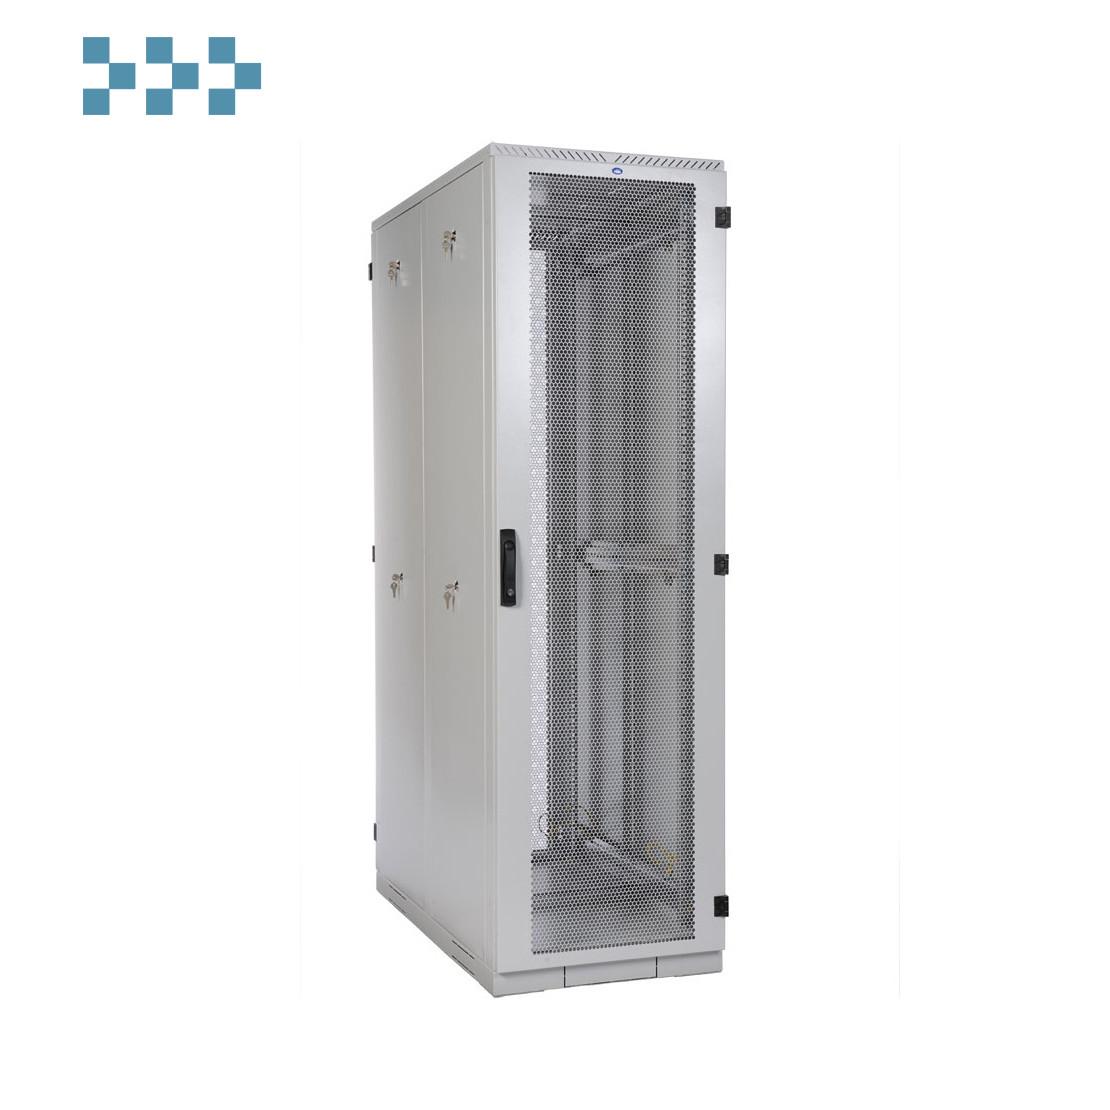 Шкаф серверный напольный 42U ЦМО ШТК-С-42.6.12-44АА